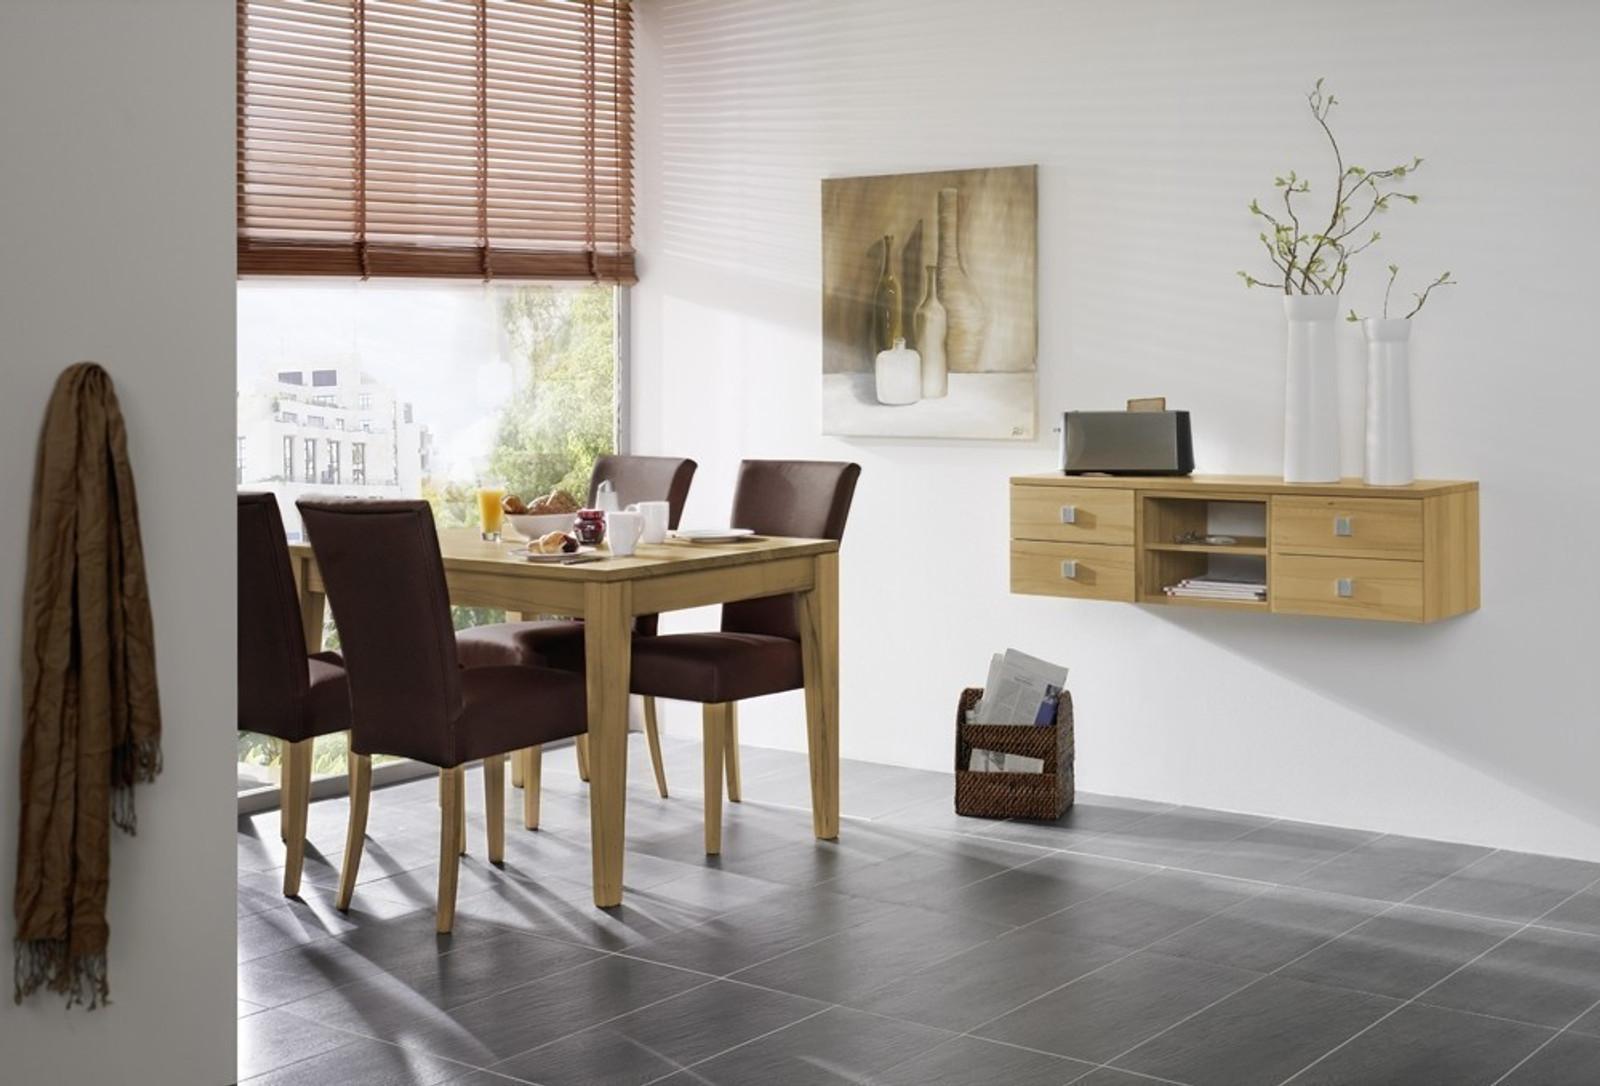 Wundervoll Esstisch / Tisch Piccolino Mit Stollenauszug, Der Esstisch Für  Kleine Räume, Vergrößerbar Mit